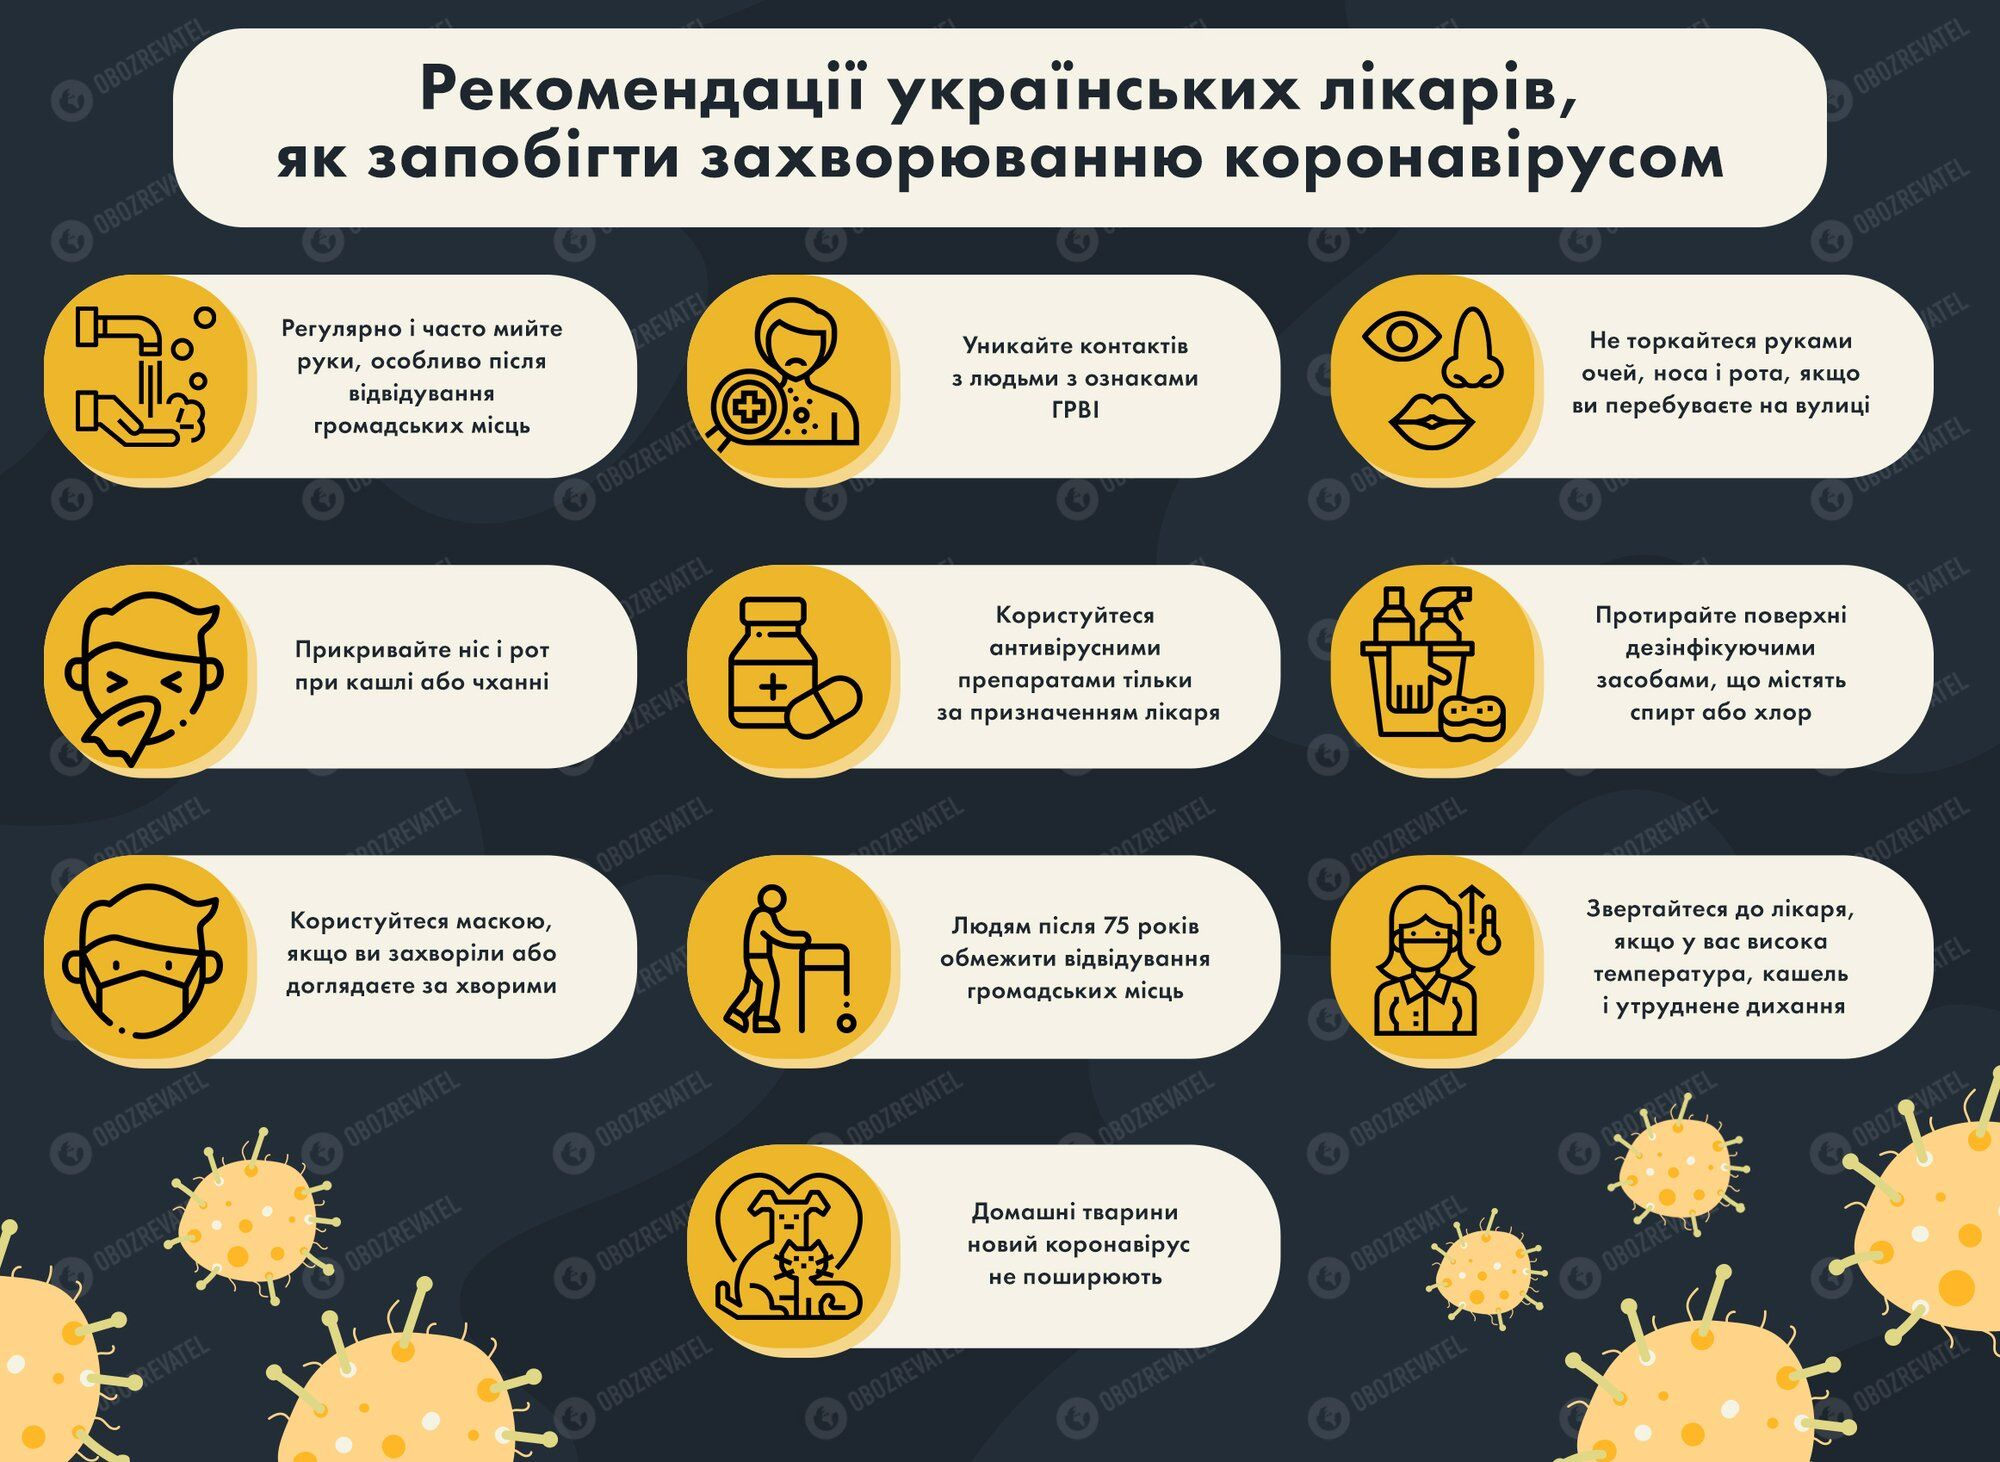 В Украине подтвердили еще два случая заражения коронавирусом: всего больны 5 человек